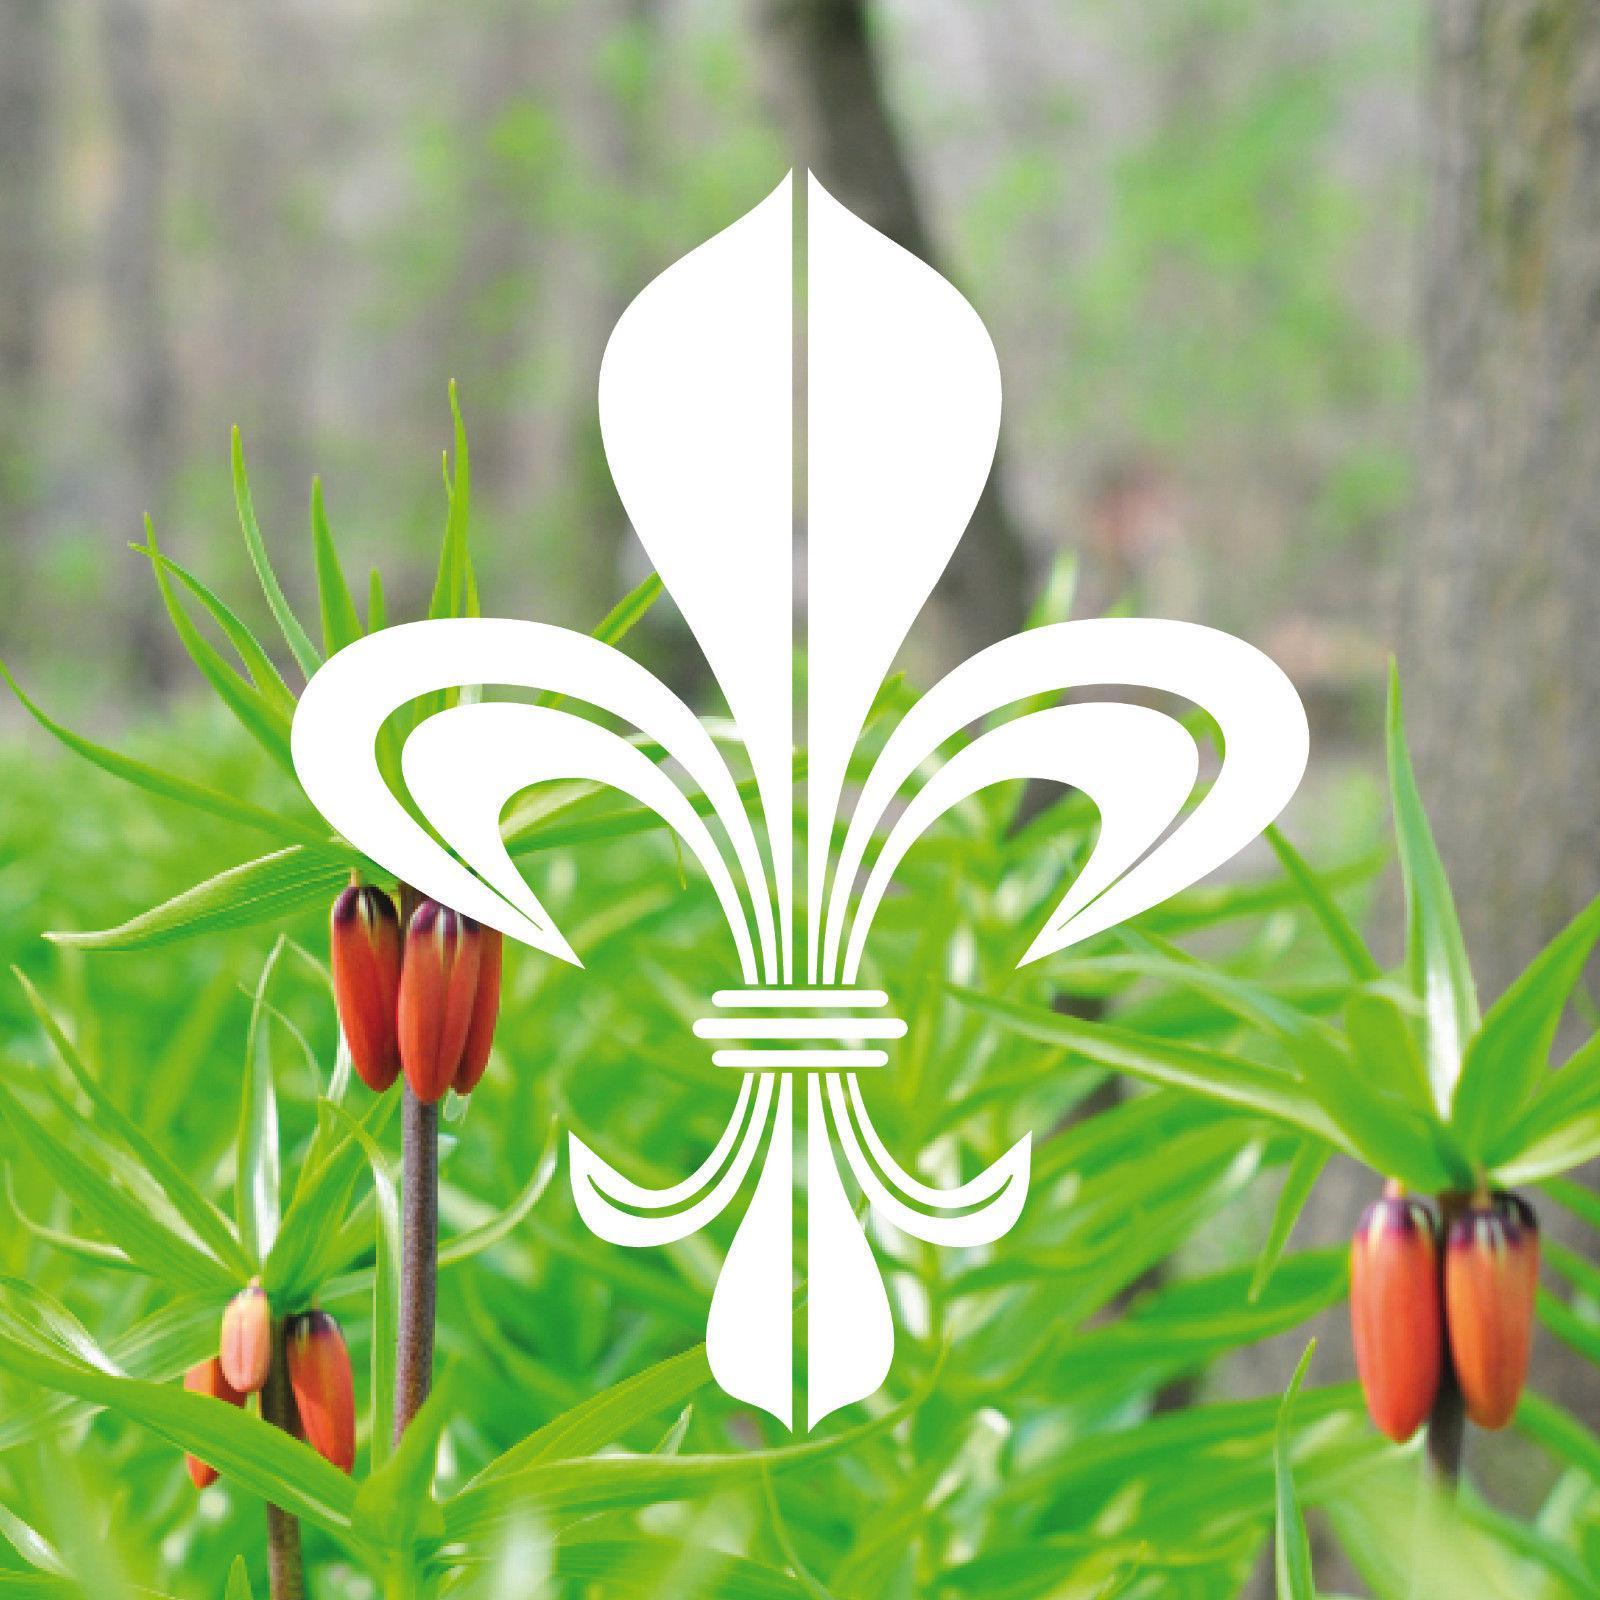 4 aufkleber tattoo 17cm wei bourbon lilie fleur de lis. Black Bedroom Furniture Sets. Home Design Ideas